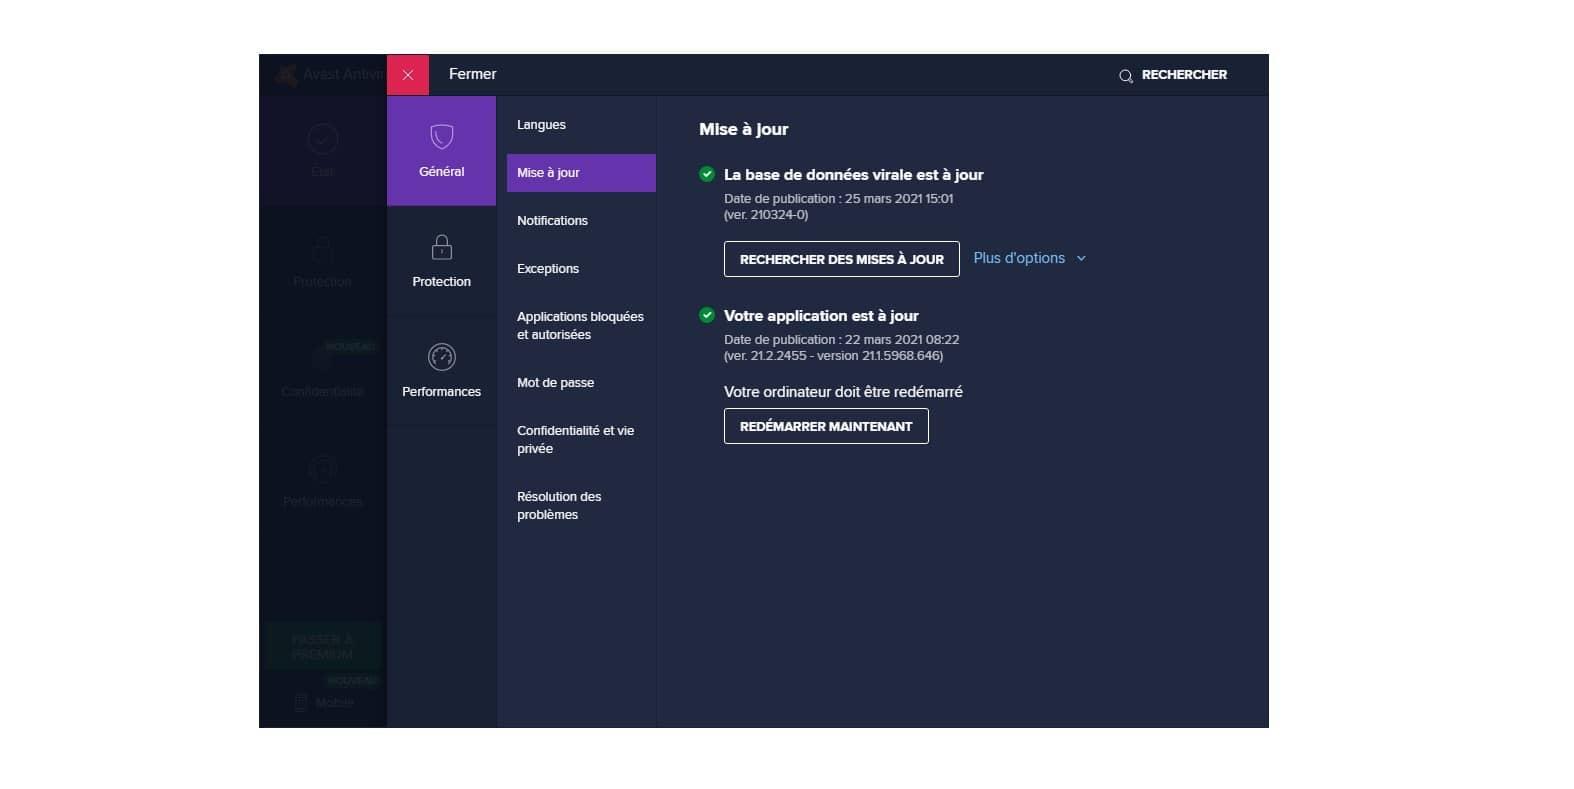 Interface mise à jour Avast 21.2.2455